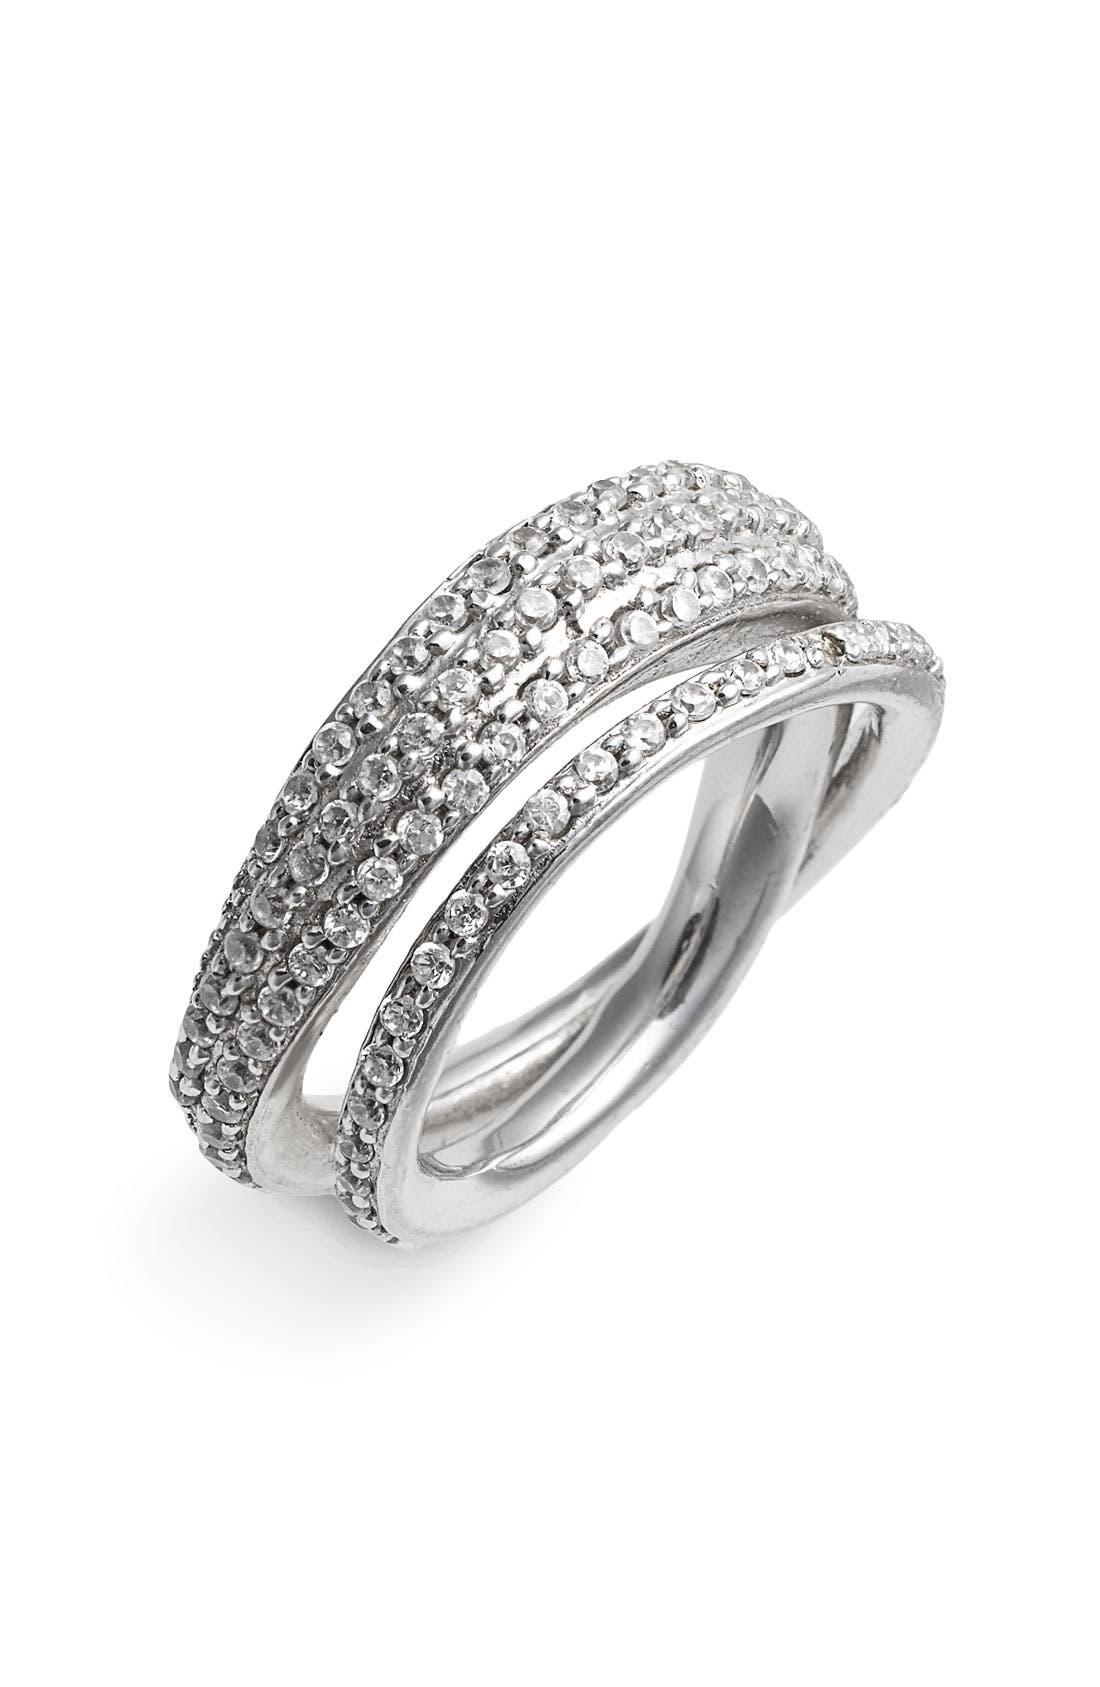 Main Image - Tom Binns 'Bejewelled' Double Ring